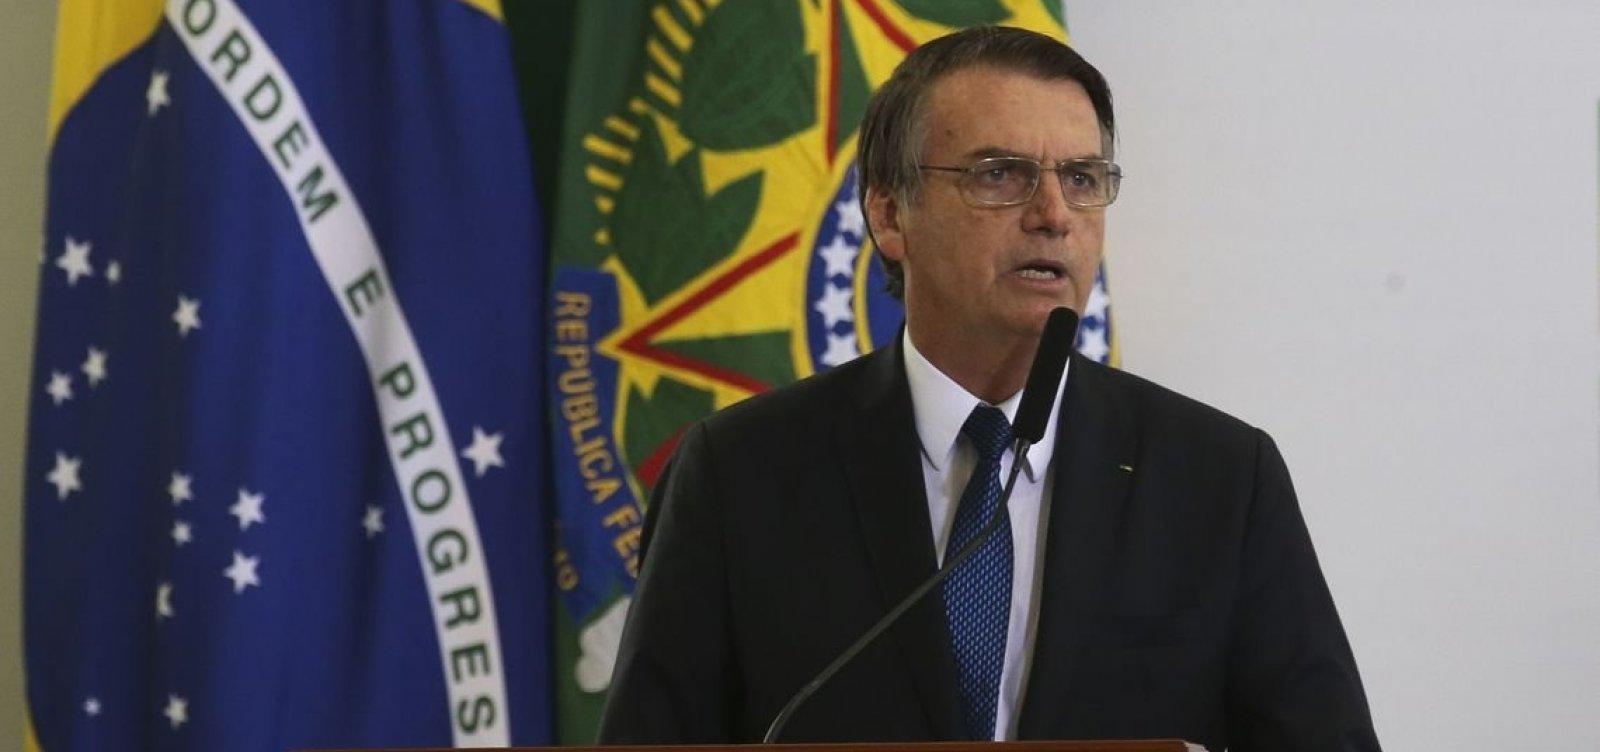 [Bolsonaro extingue o Conselho dos Direitos da Pessoa com Deficiência]